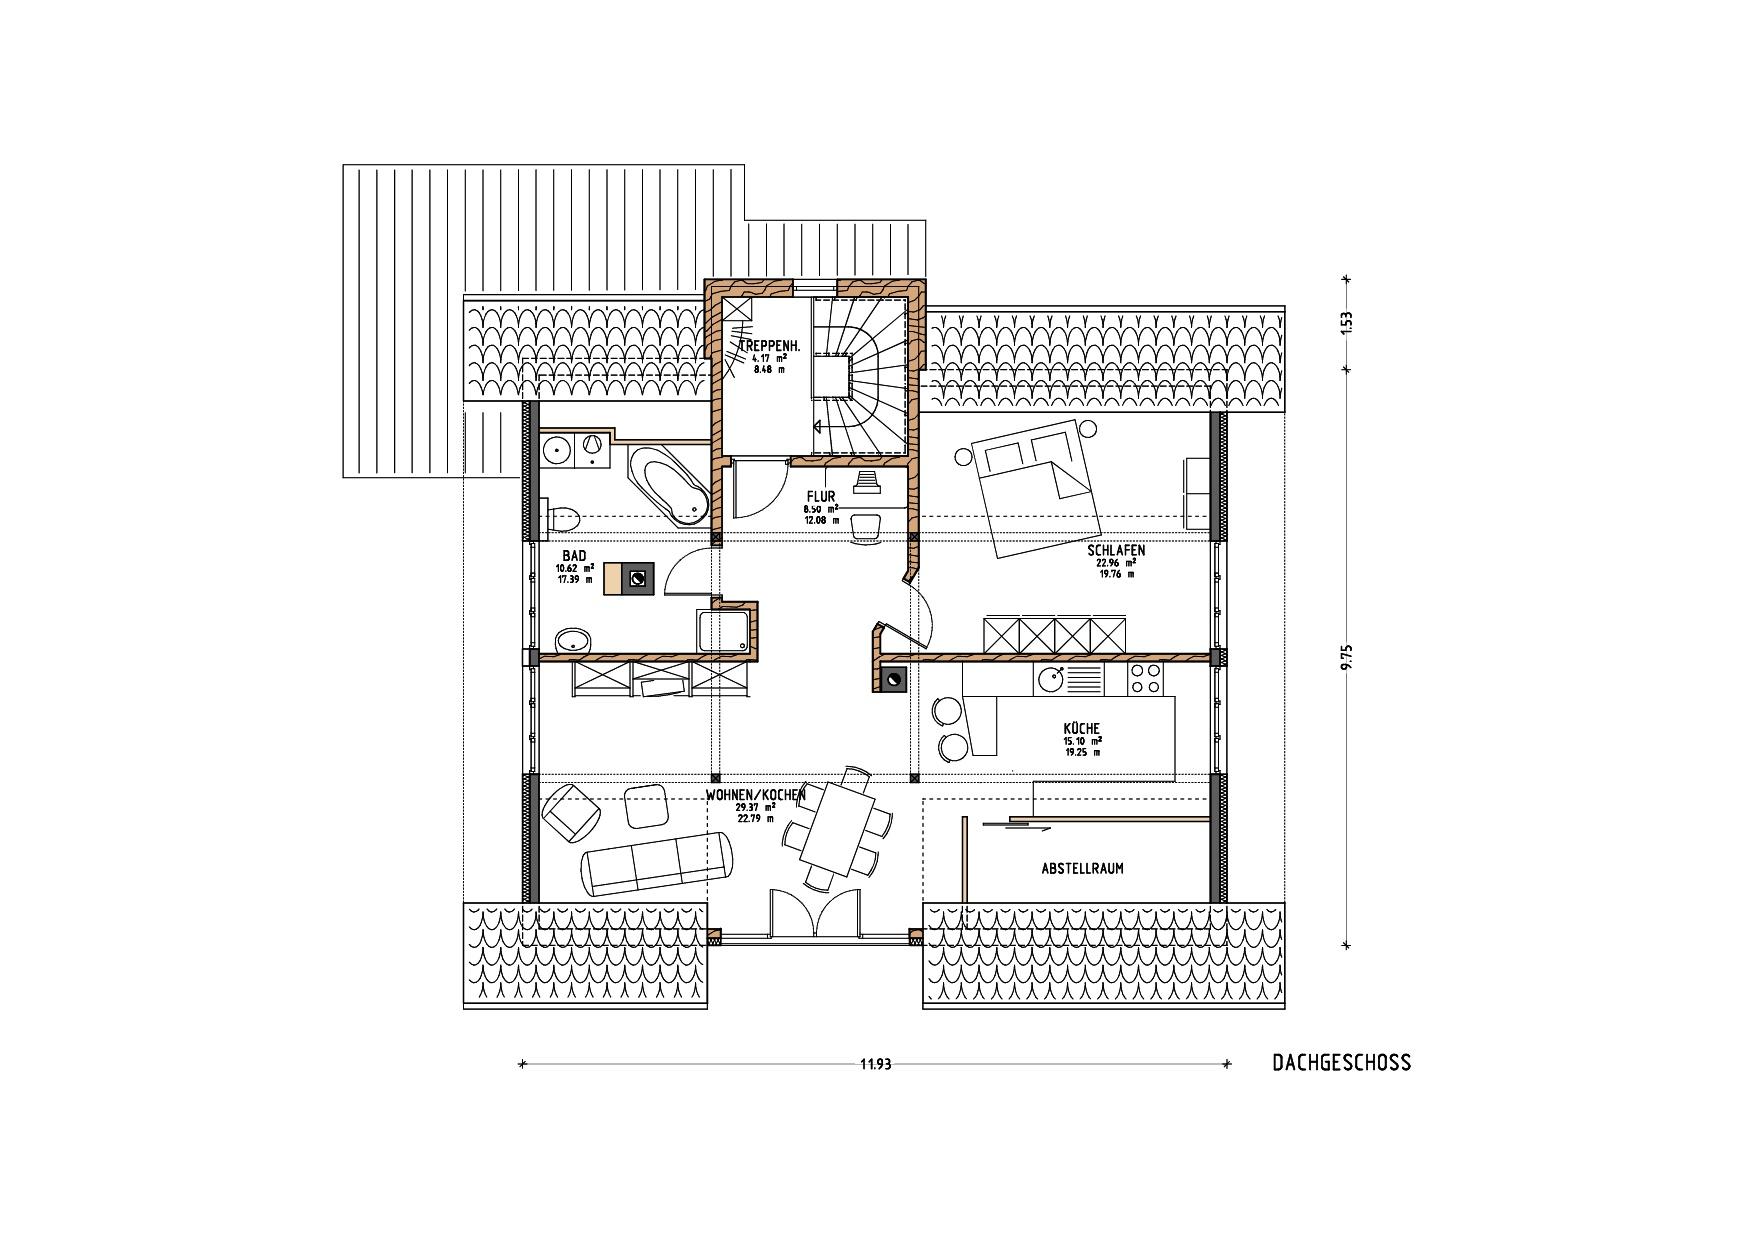 Grundriss, Dachgeschoss, Umbau und energetische Sanierung MFH in Grünenbach